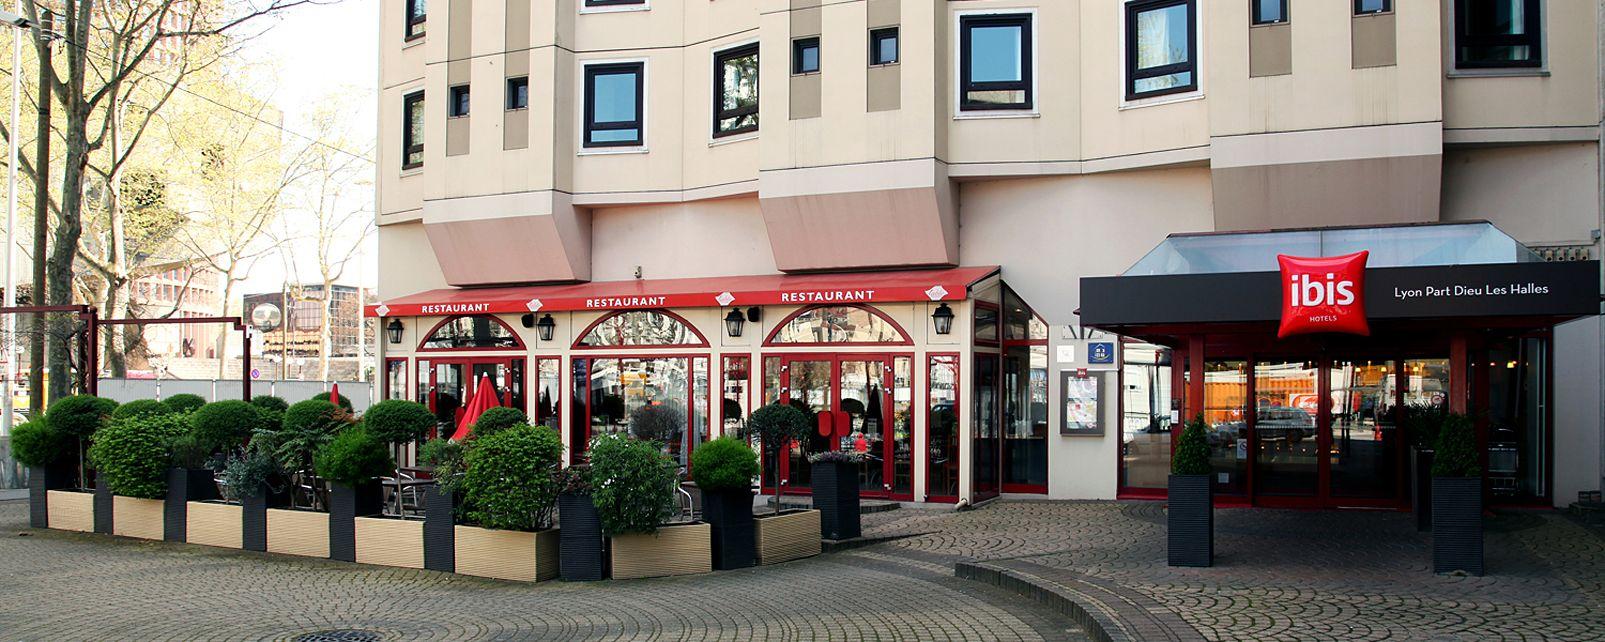 Hotel Ibis Gare Part Dieu